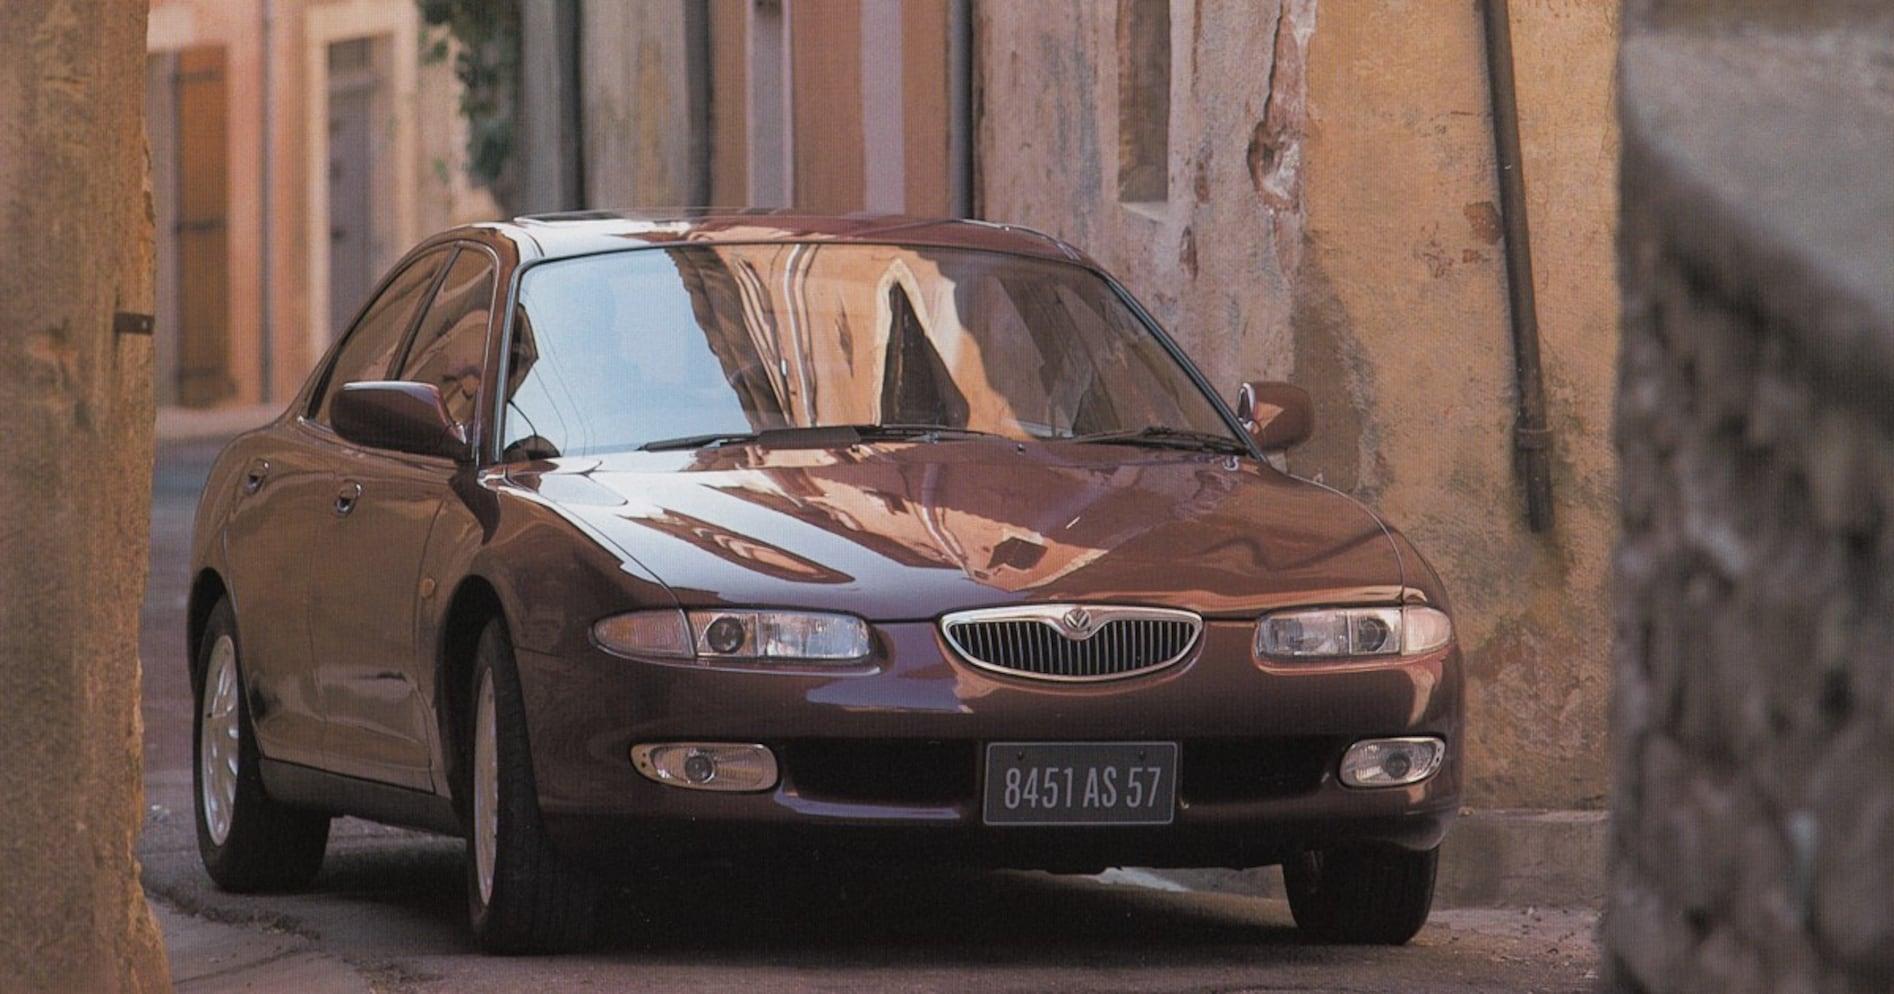 【中年名車図鑑|マツダ・ユーノス500】日本では評価されなかった「世界で最も美しいサルーン」